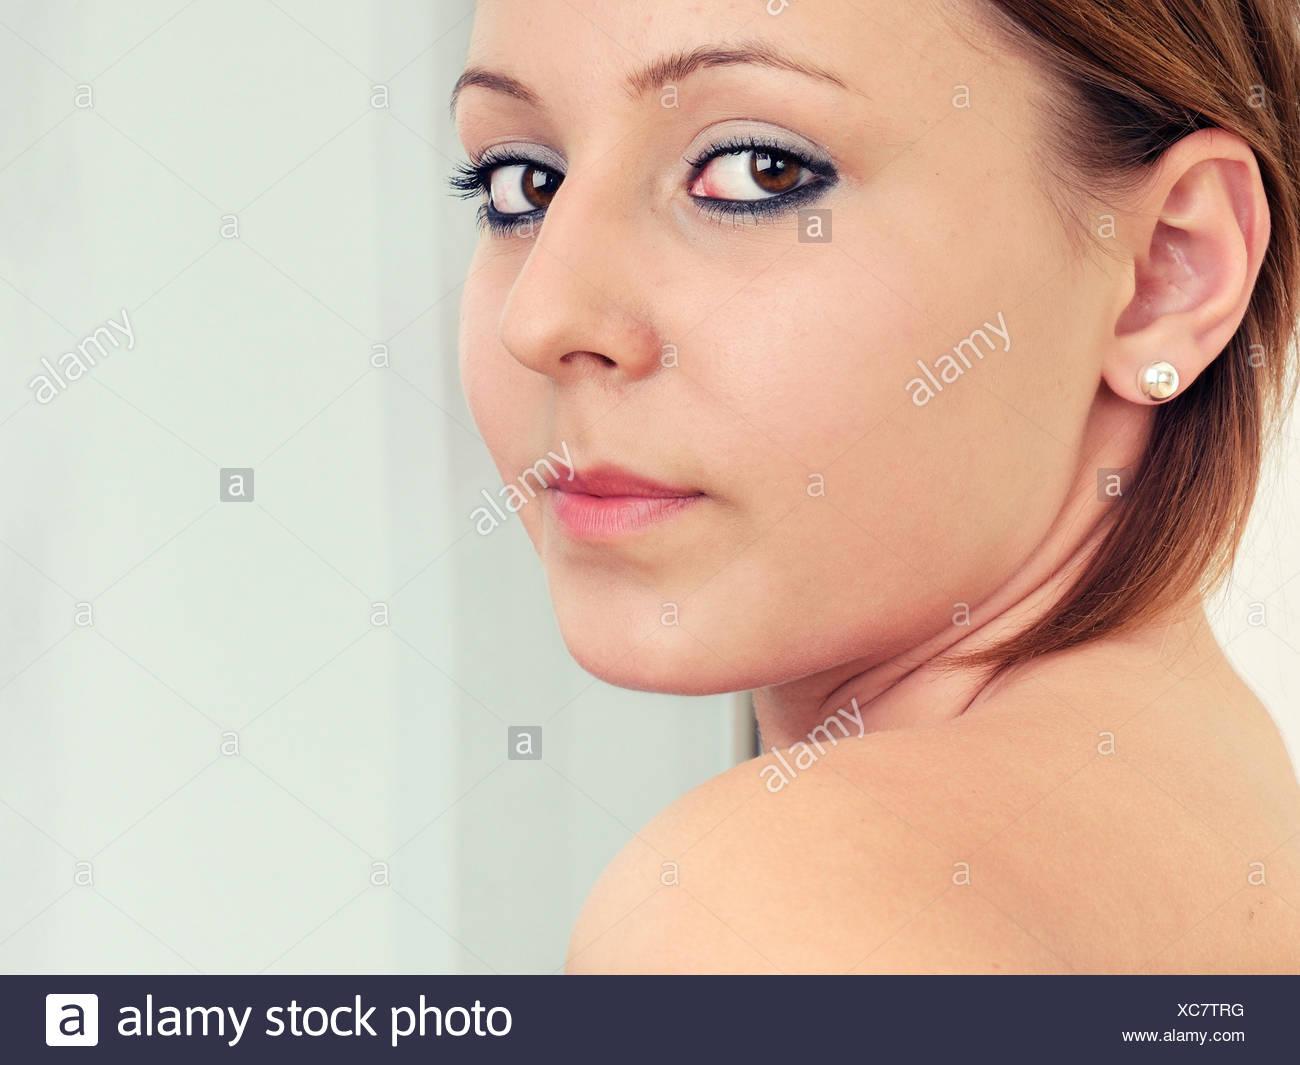 Frau Frisur Junge Frau Make Up Make Up Schminke Look